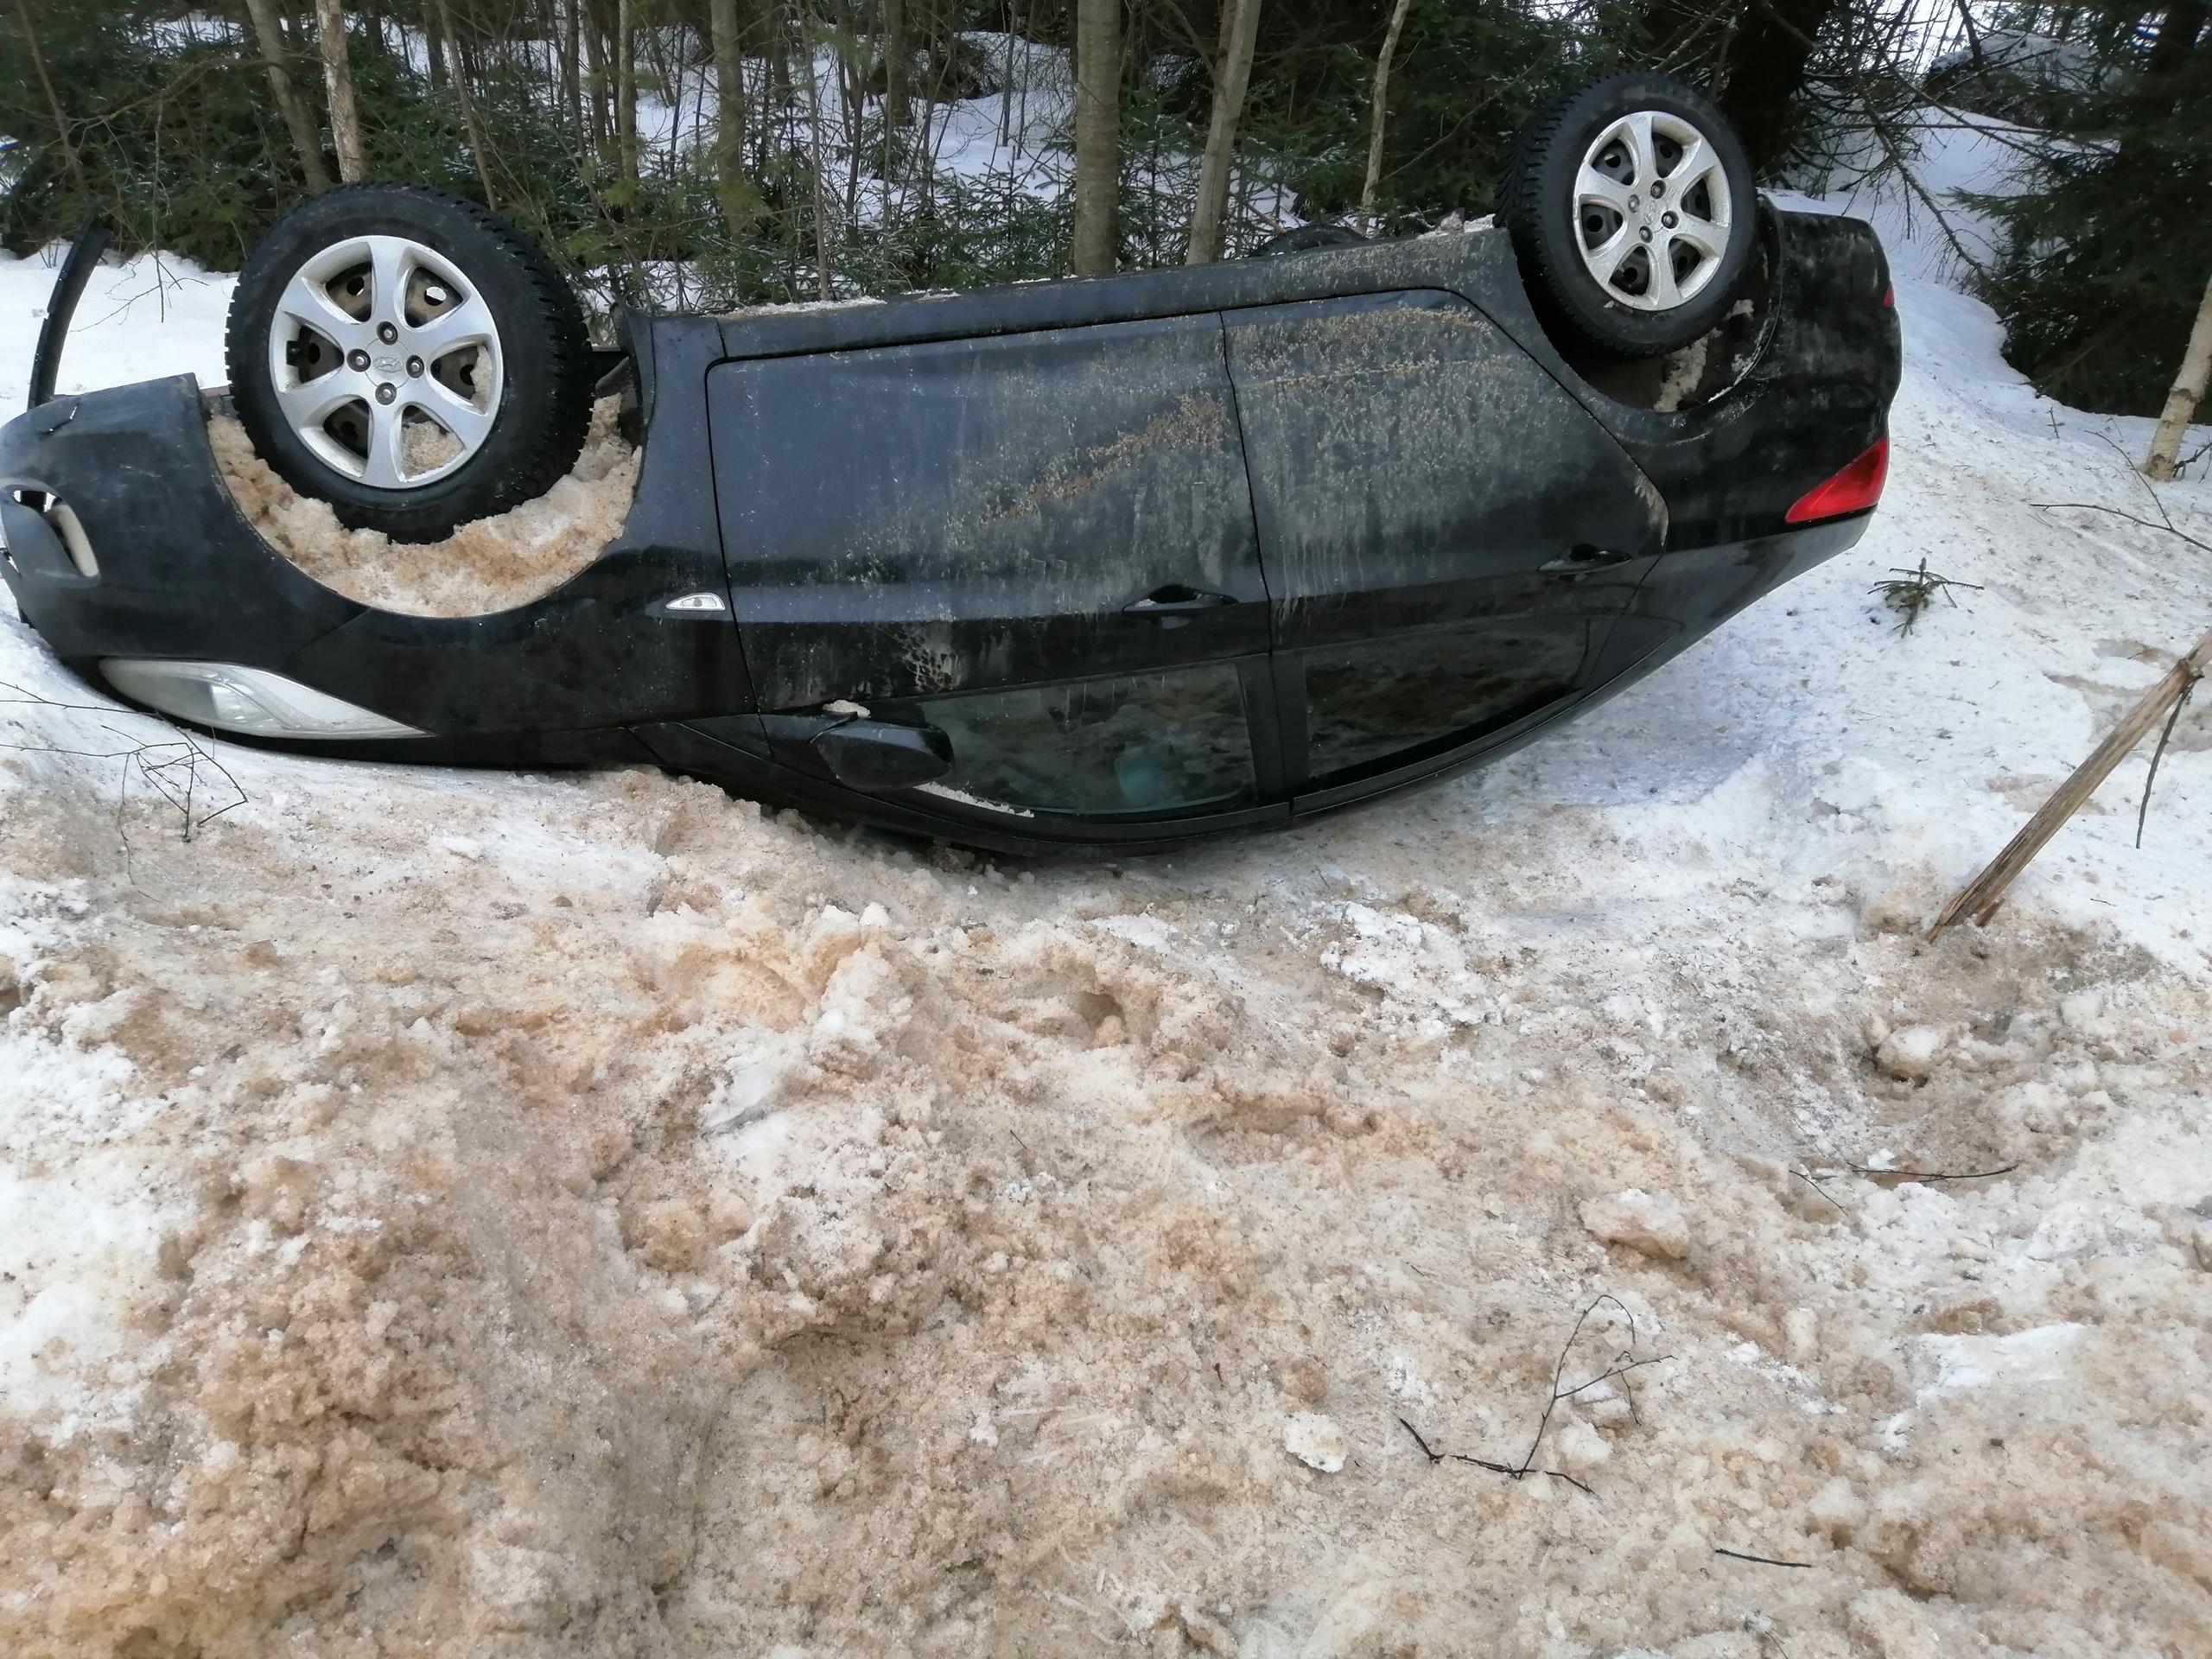 В Тверской области опрокинулся автомобиль - есть пострадавший